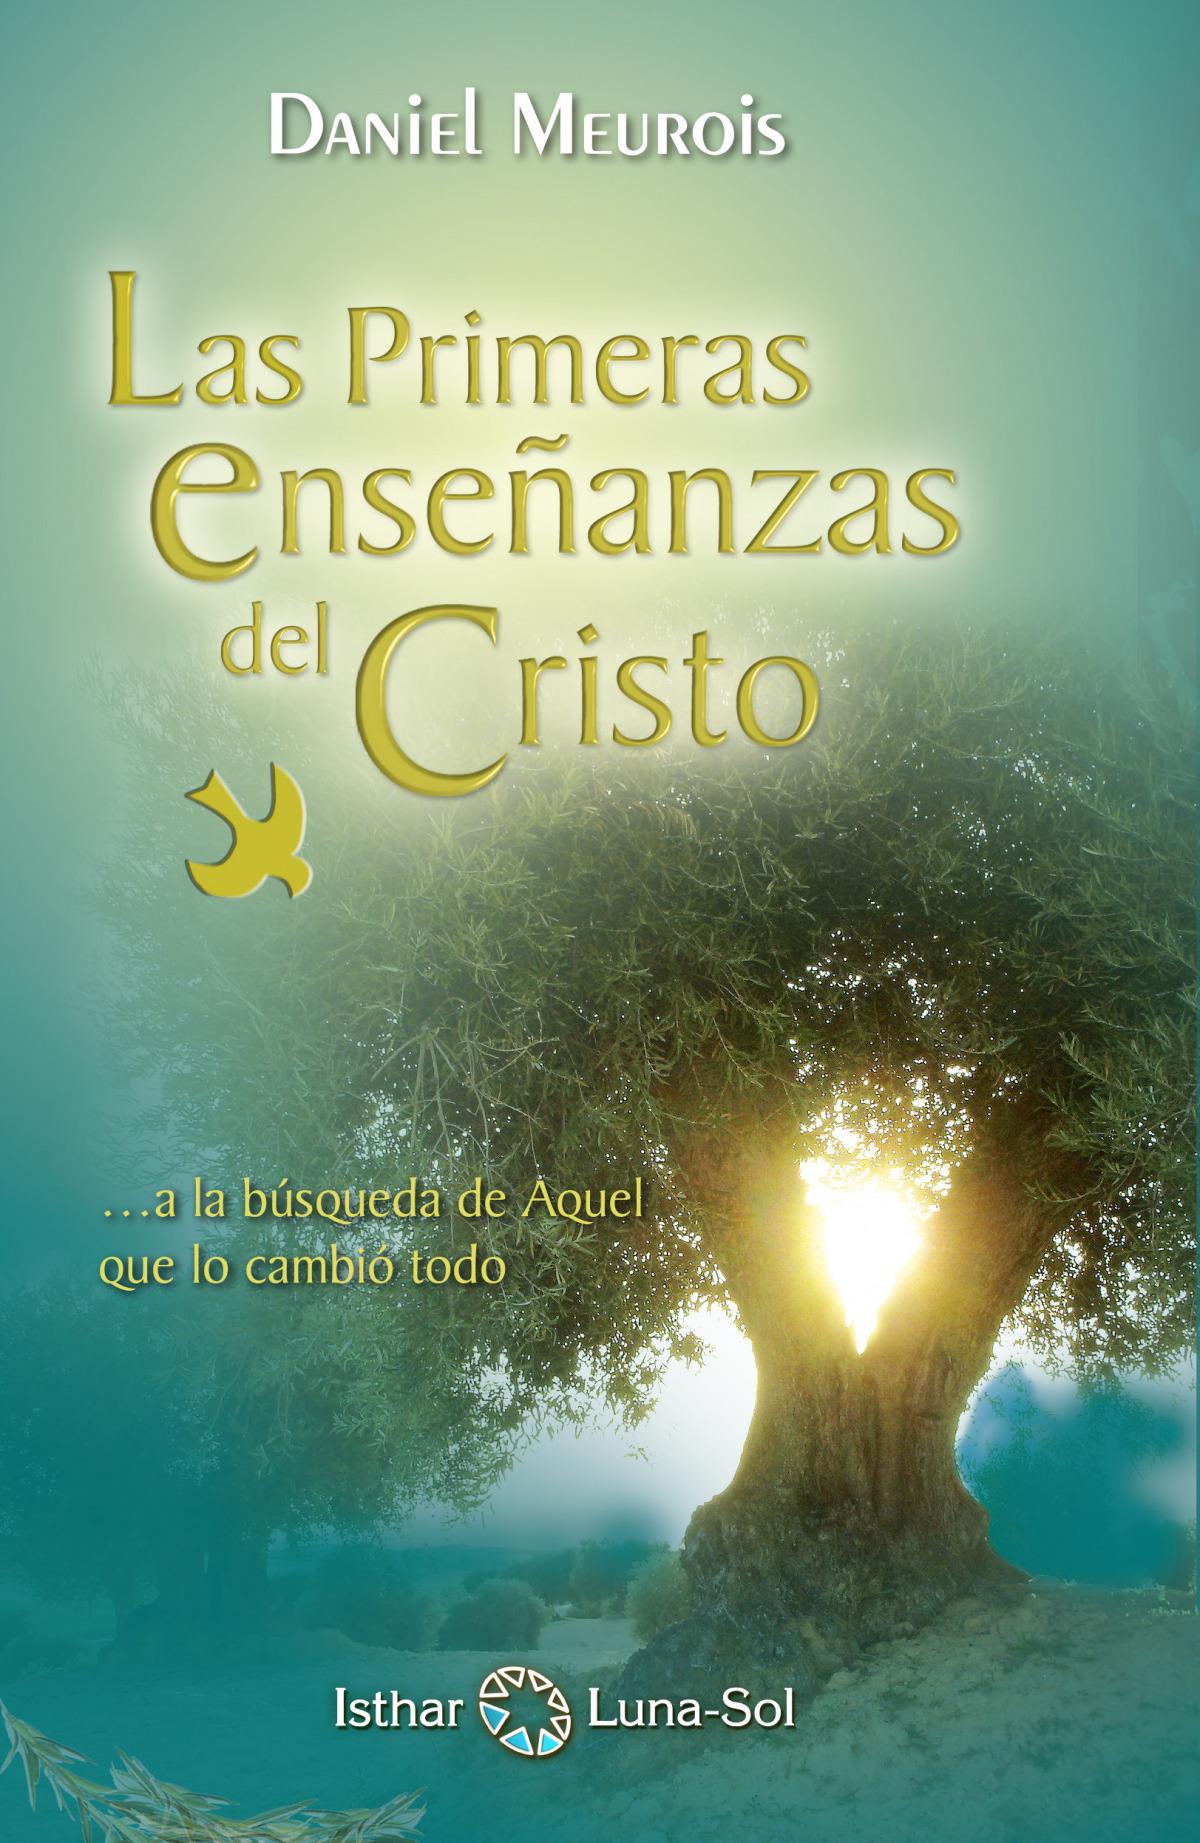 Las Primeras Enseñanzas del Cristo 9788417230685